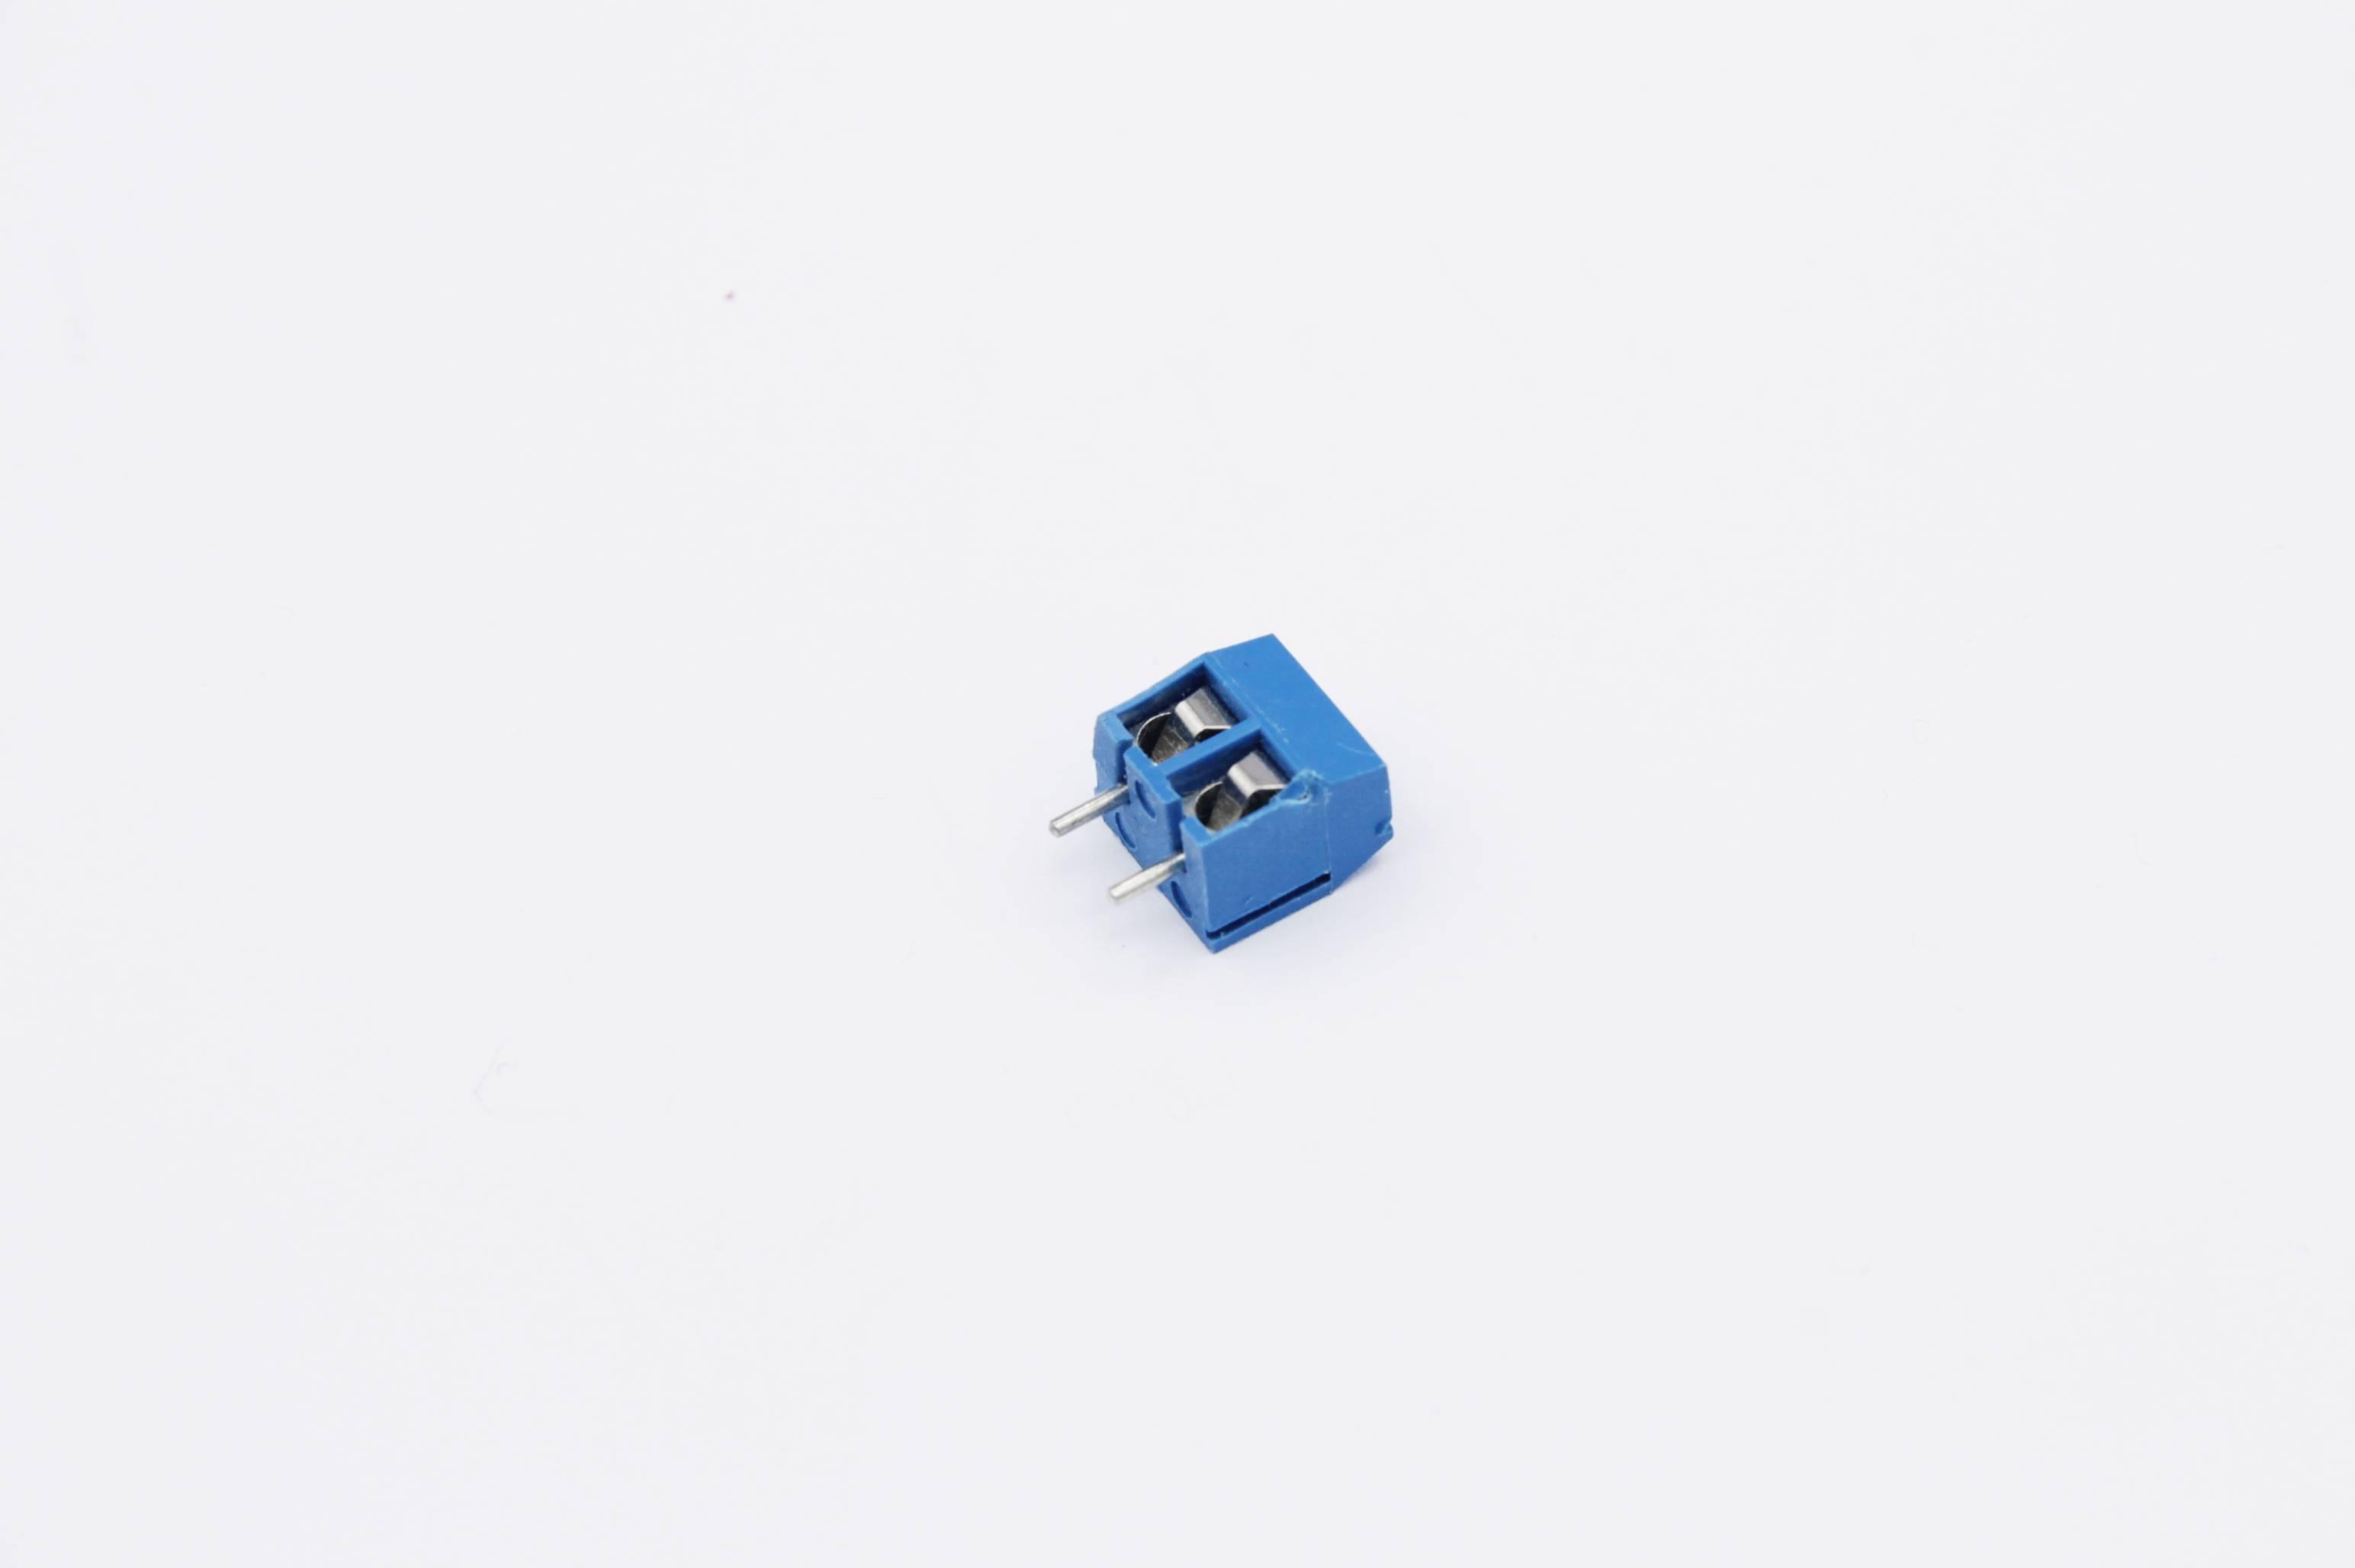 Leiterplattenanschlussklemmen 2-polig, anreihbar